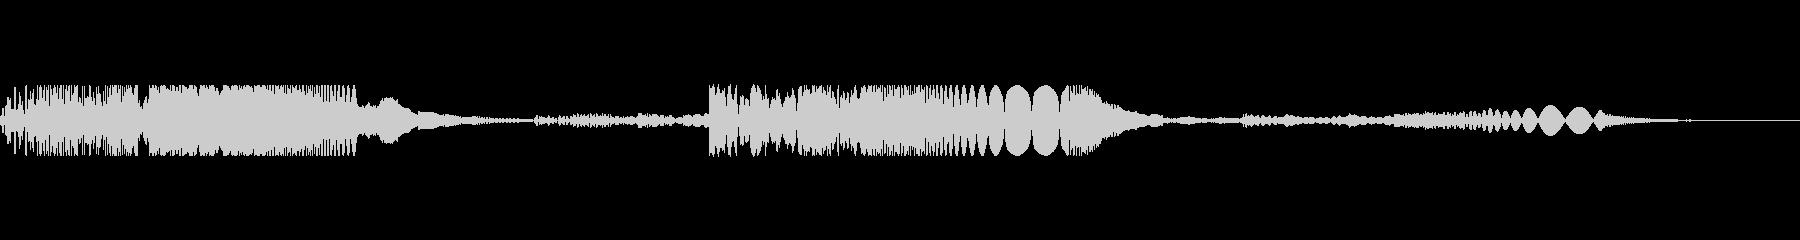 SynthLaser EC06_71_1の未再生の波形